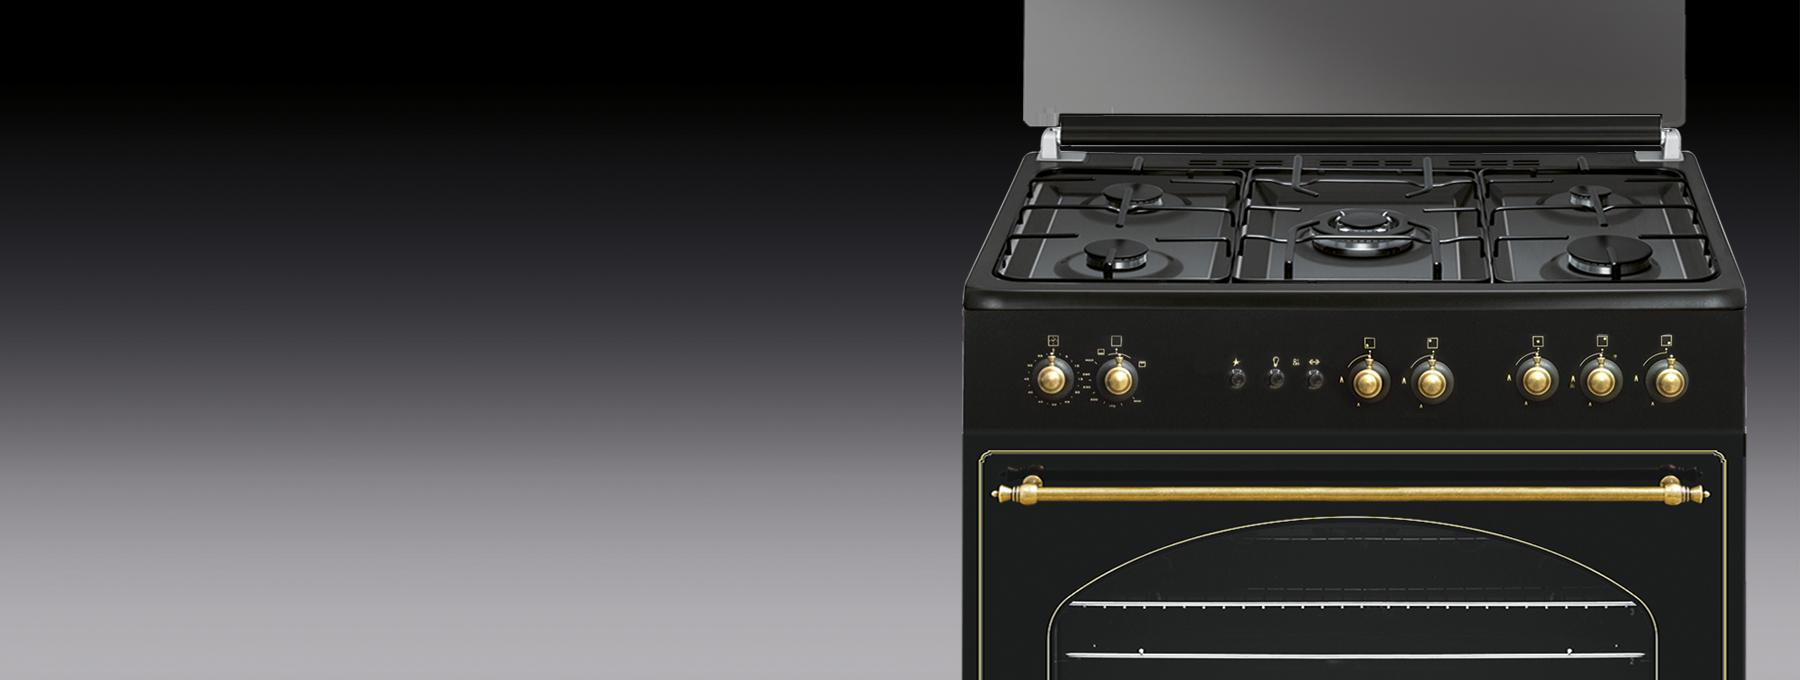 Cocina a gas con horno